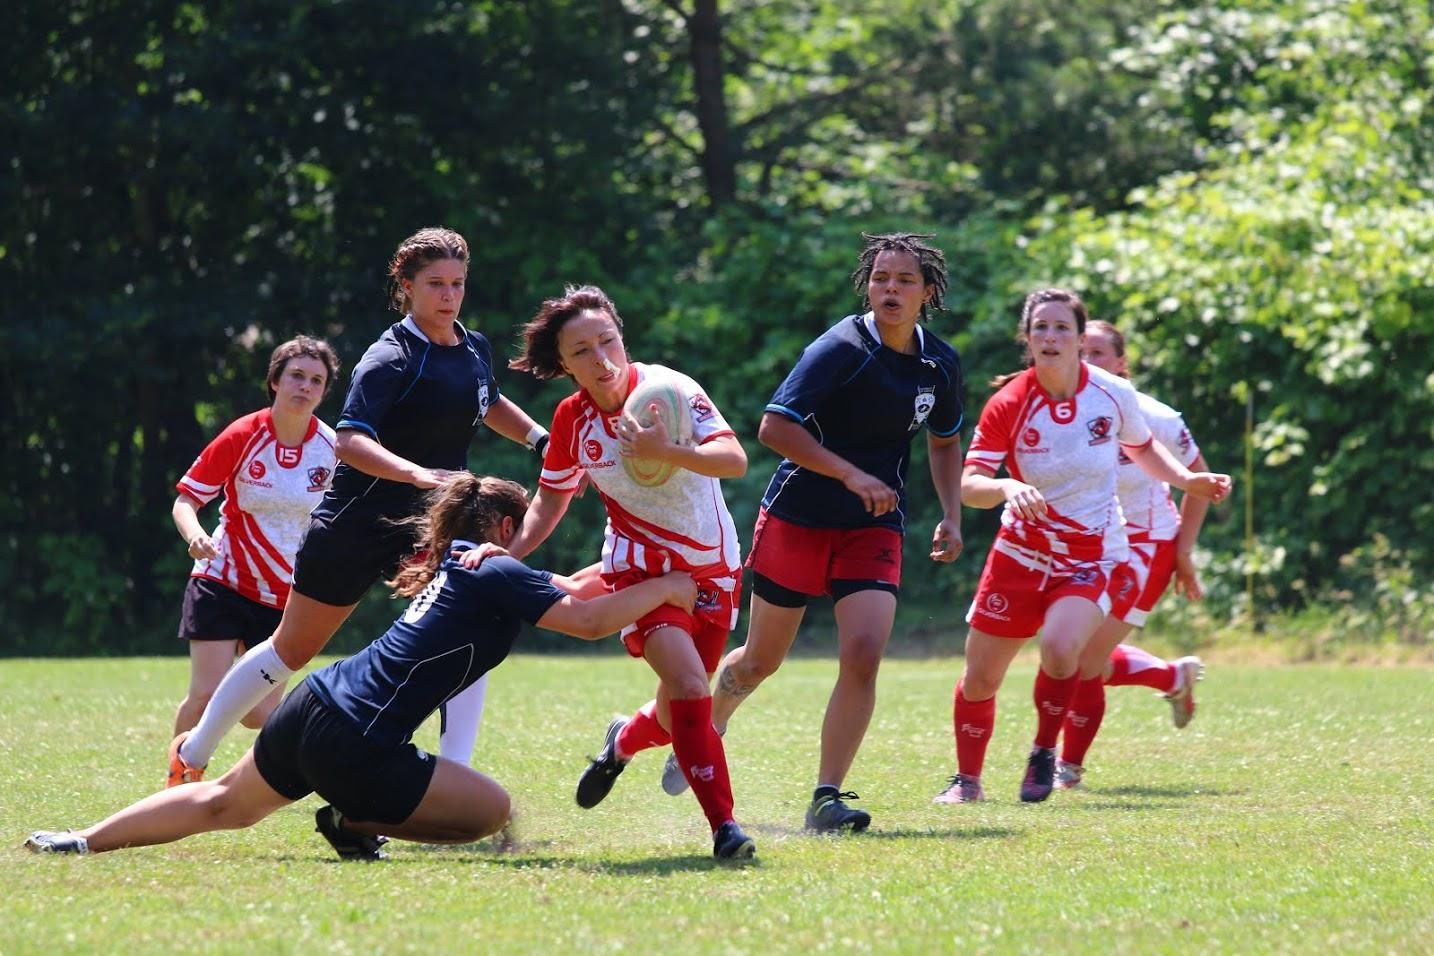 Spielzeit Rugby